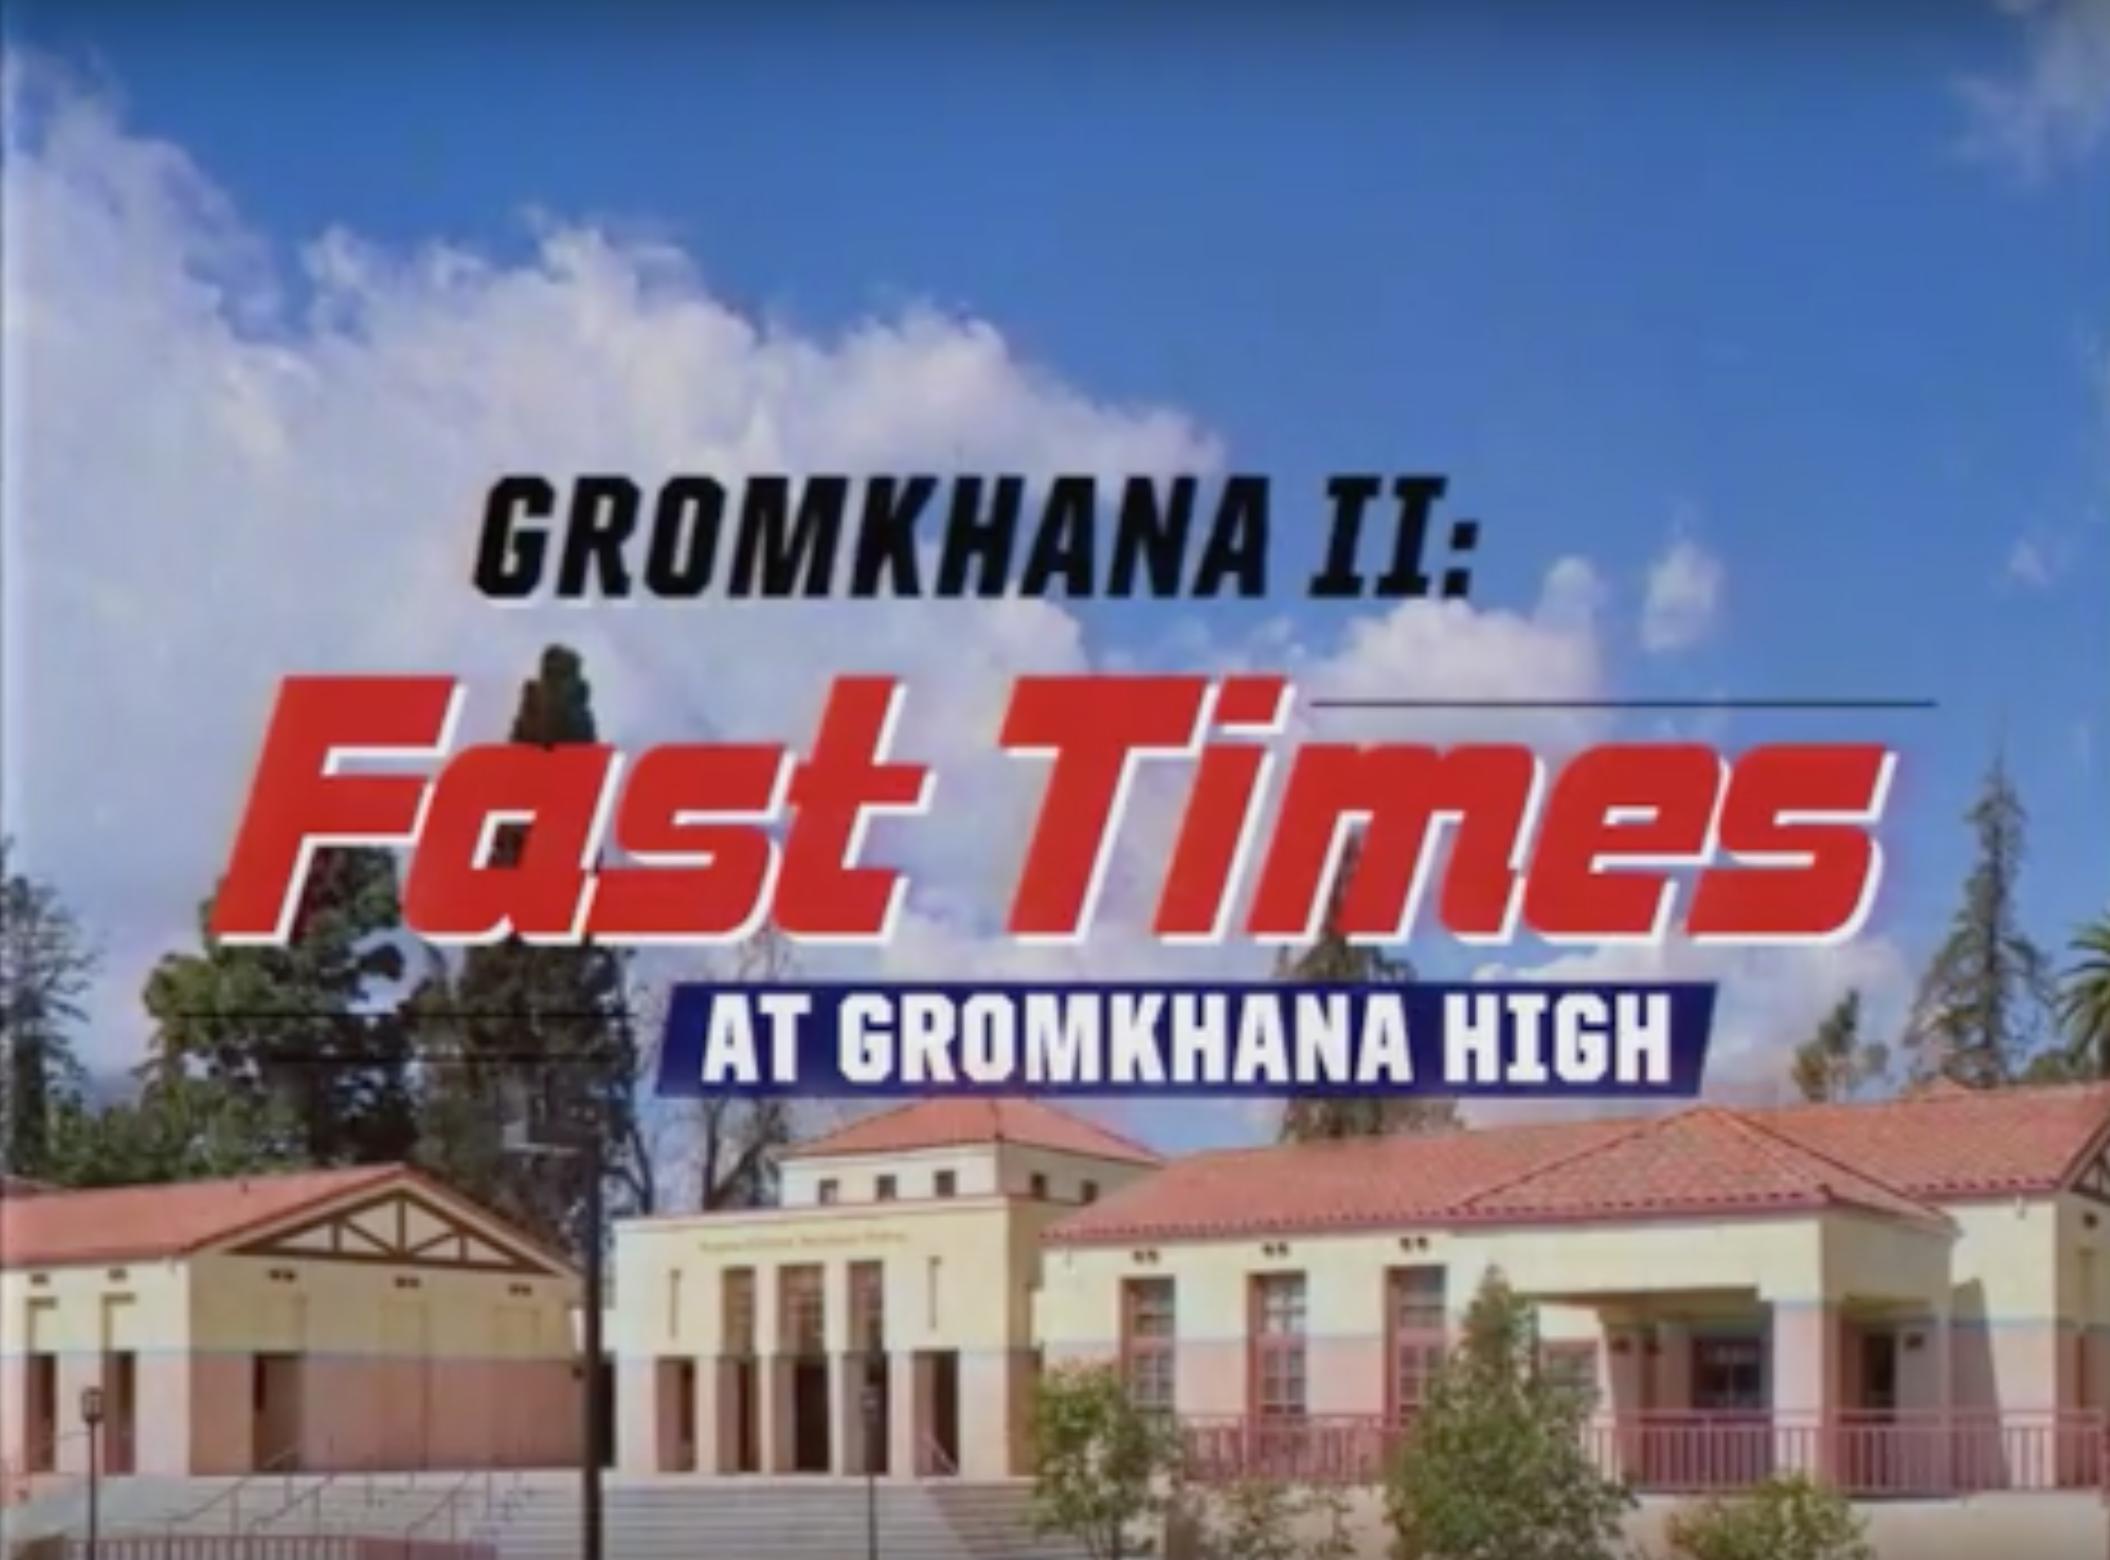 Gromkhana II